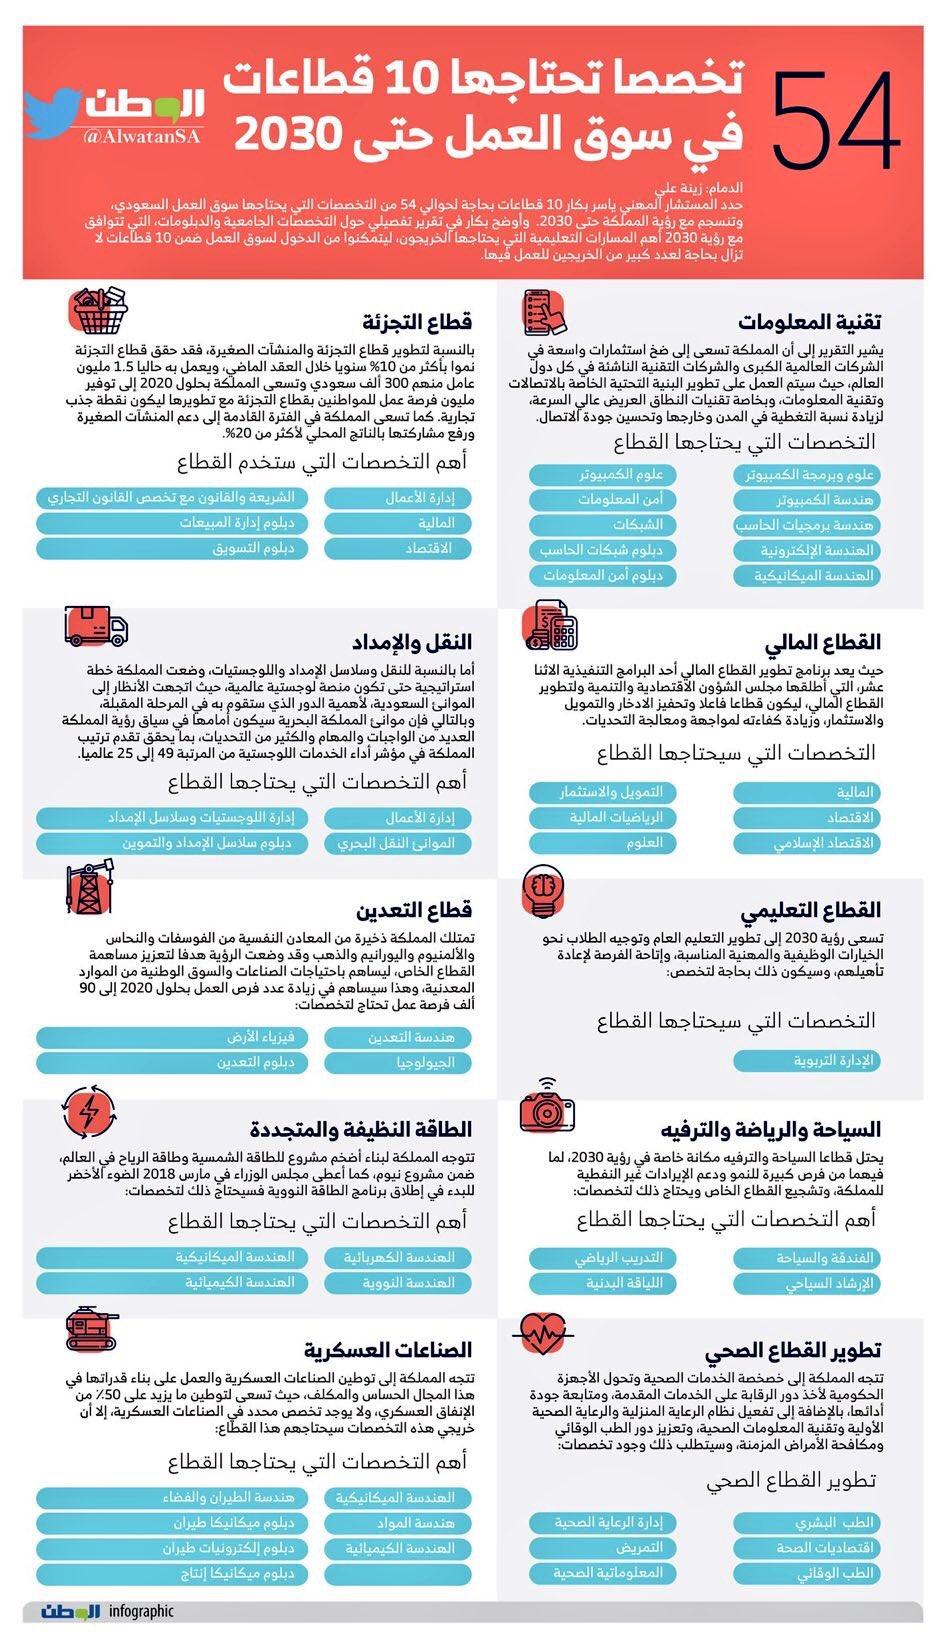 وافي بن عبد الله בטוויטר 54 تخصصا تحتاجها القطاعات في سوق العمل في طريق تحقيق رؤية السعودية 2030